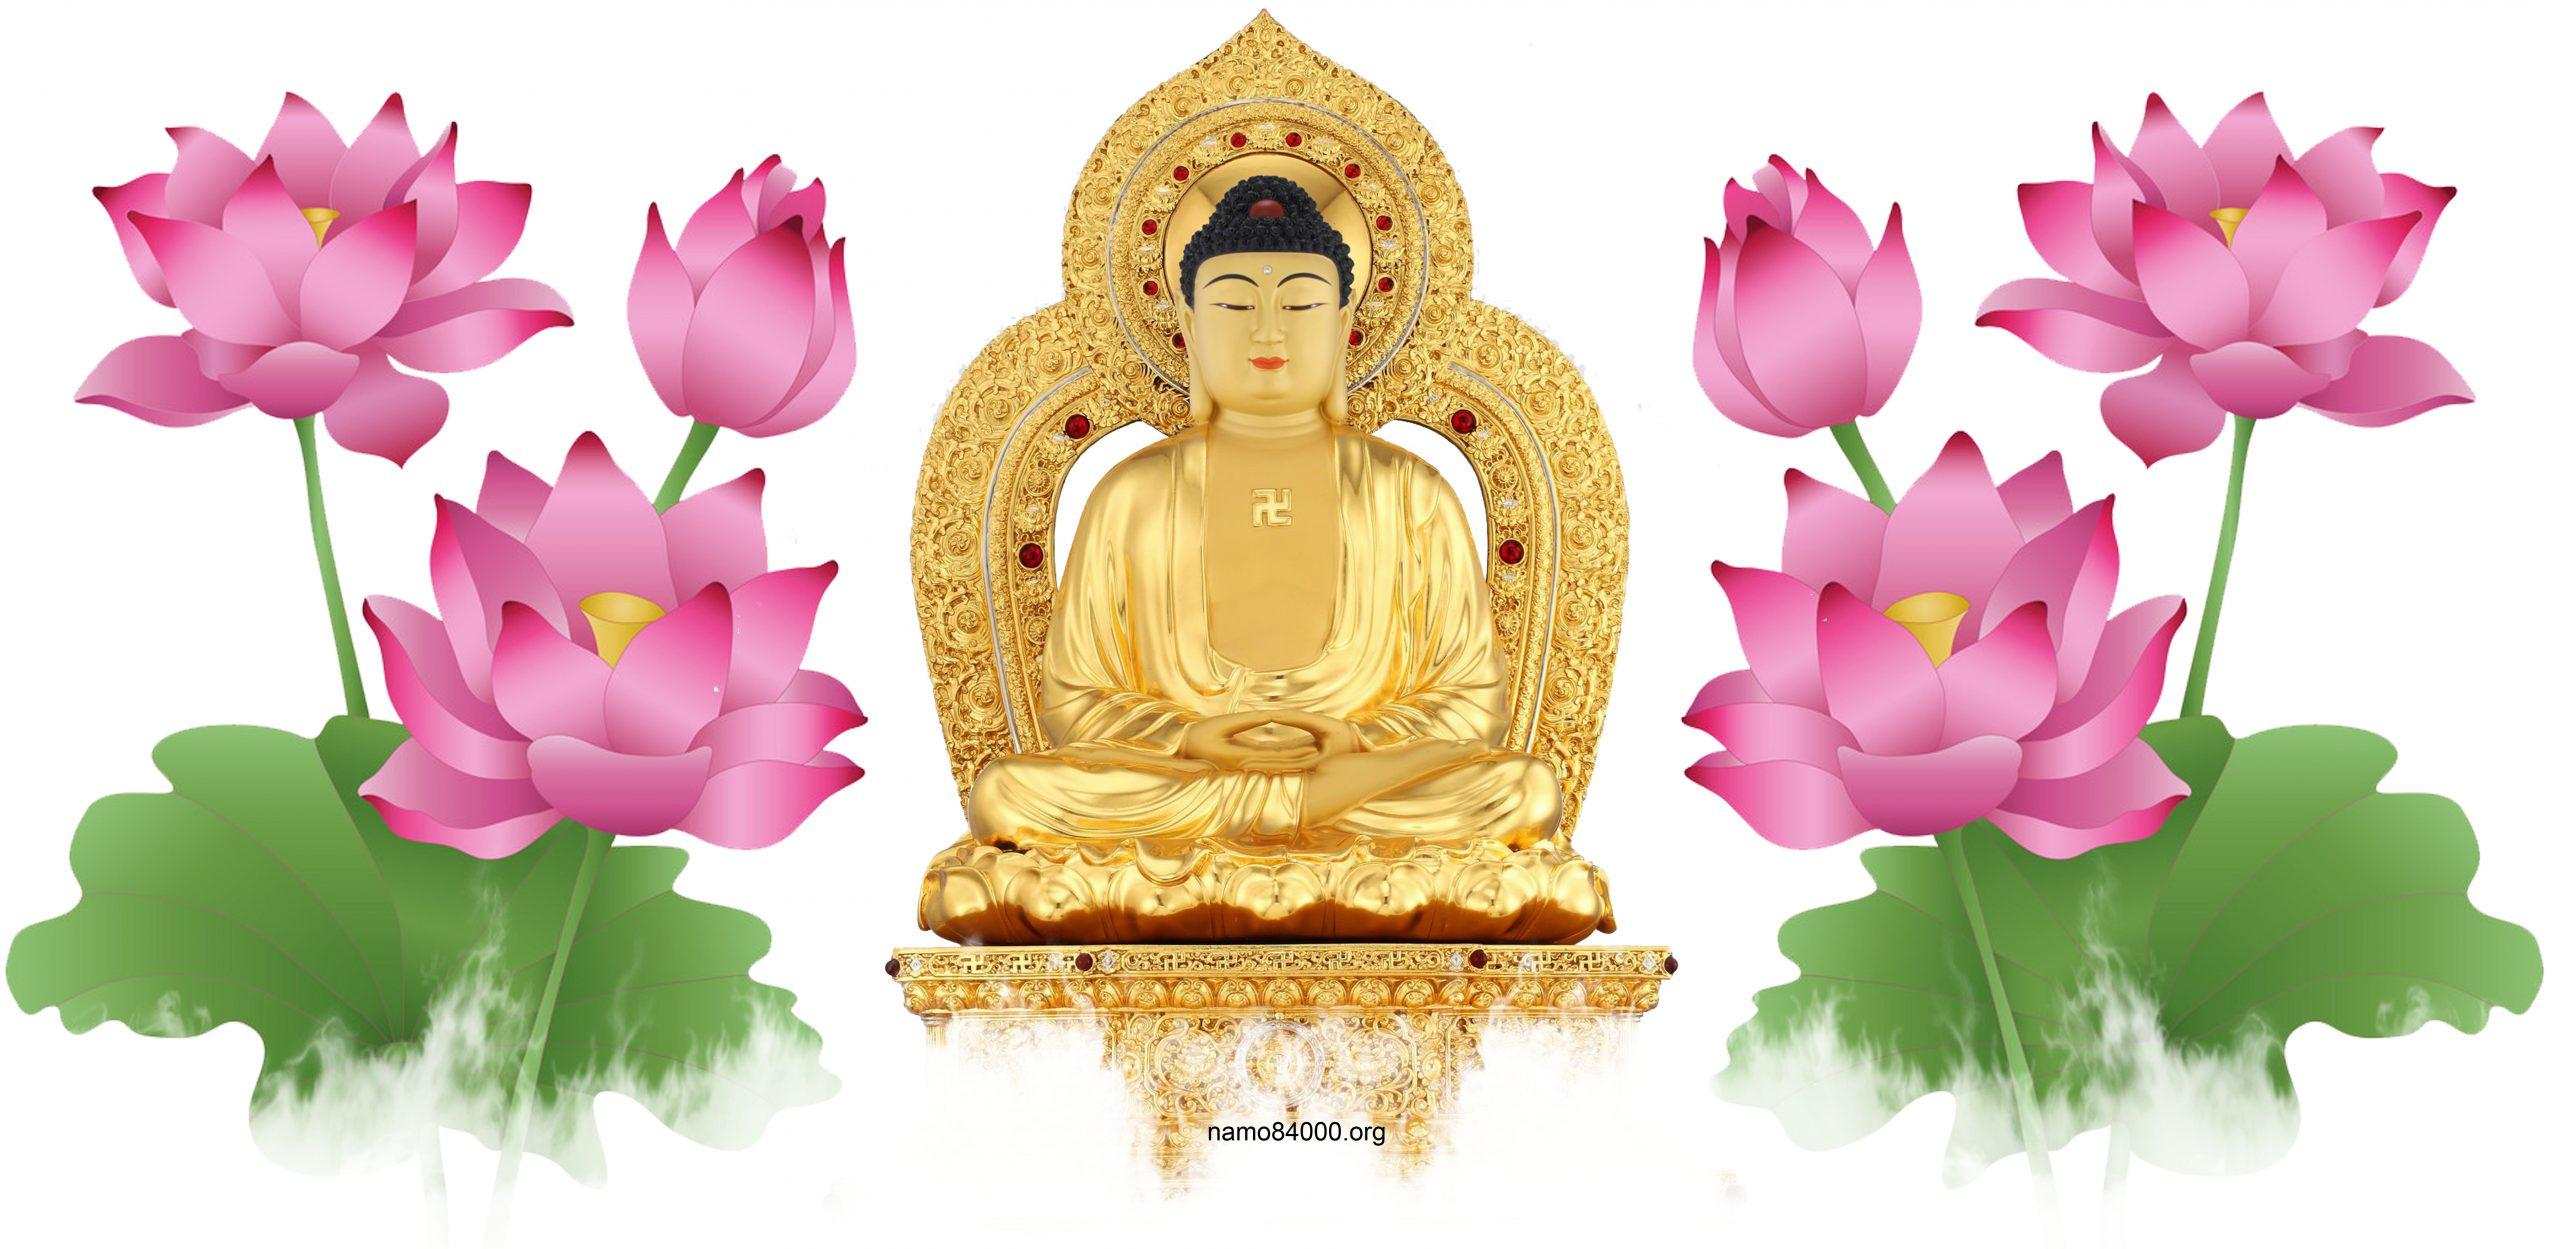 Di Lặc Đương Lai Phật – Maitreya Honored Future Buddha – 當來下生彌勒尊佛